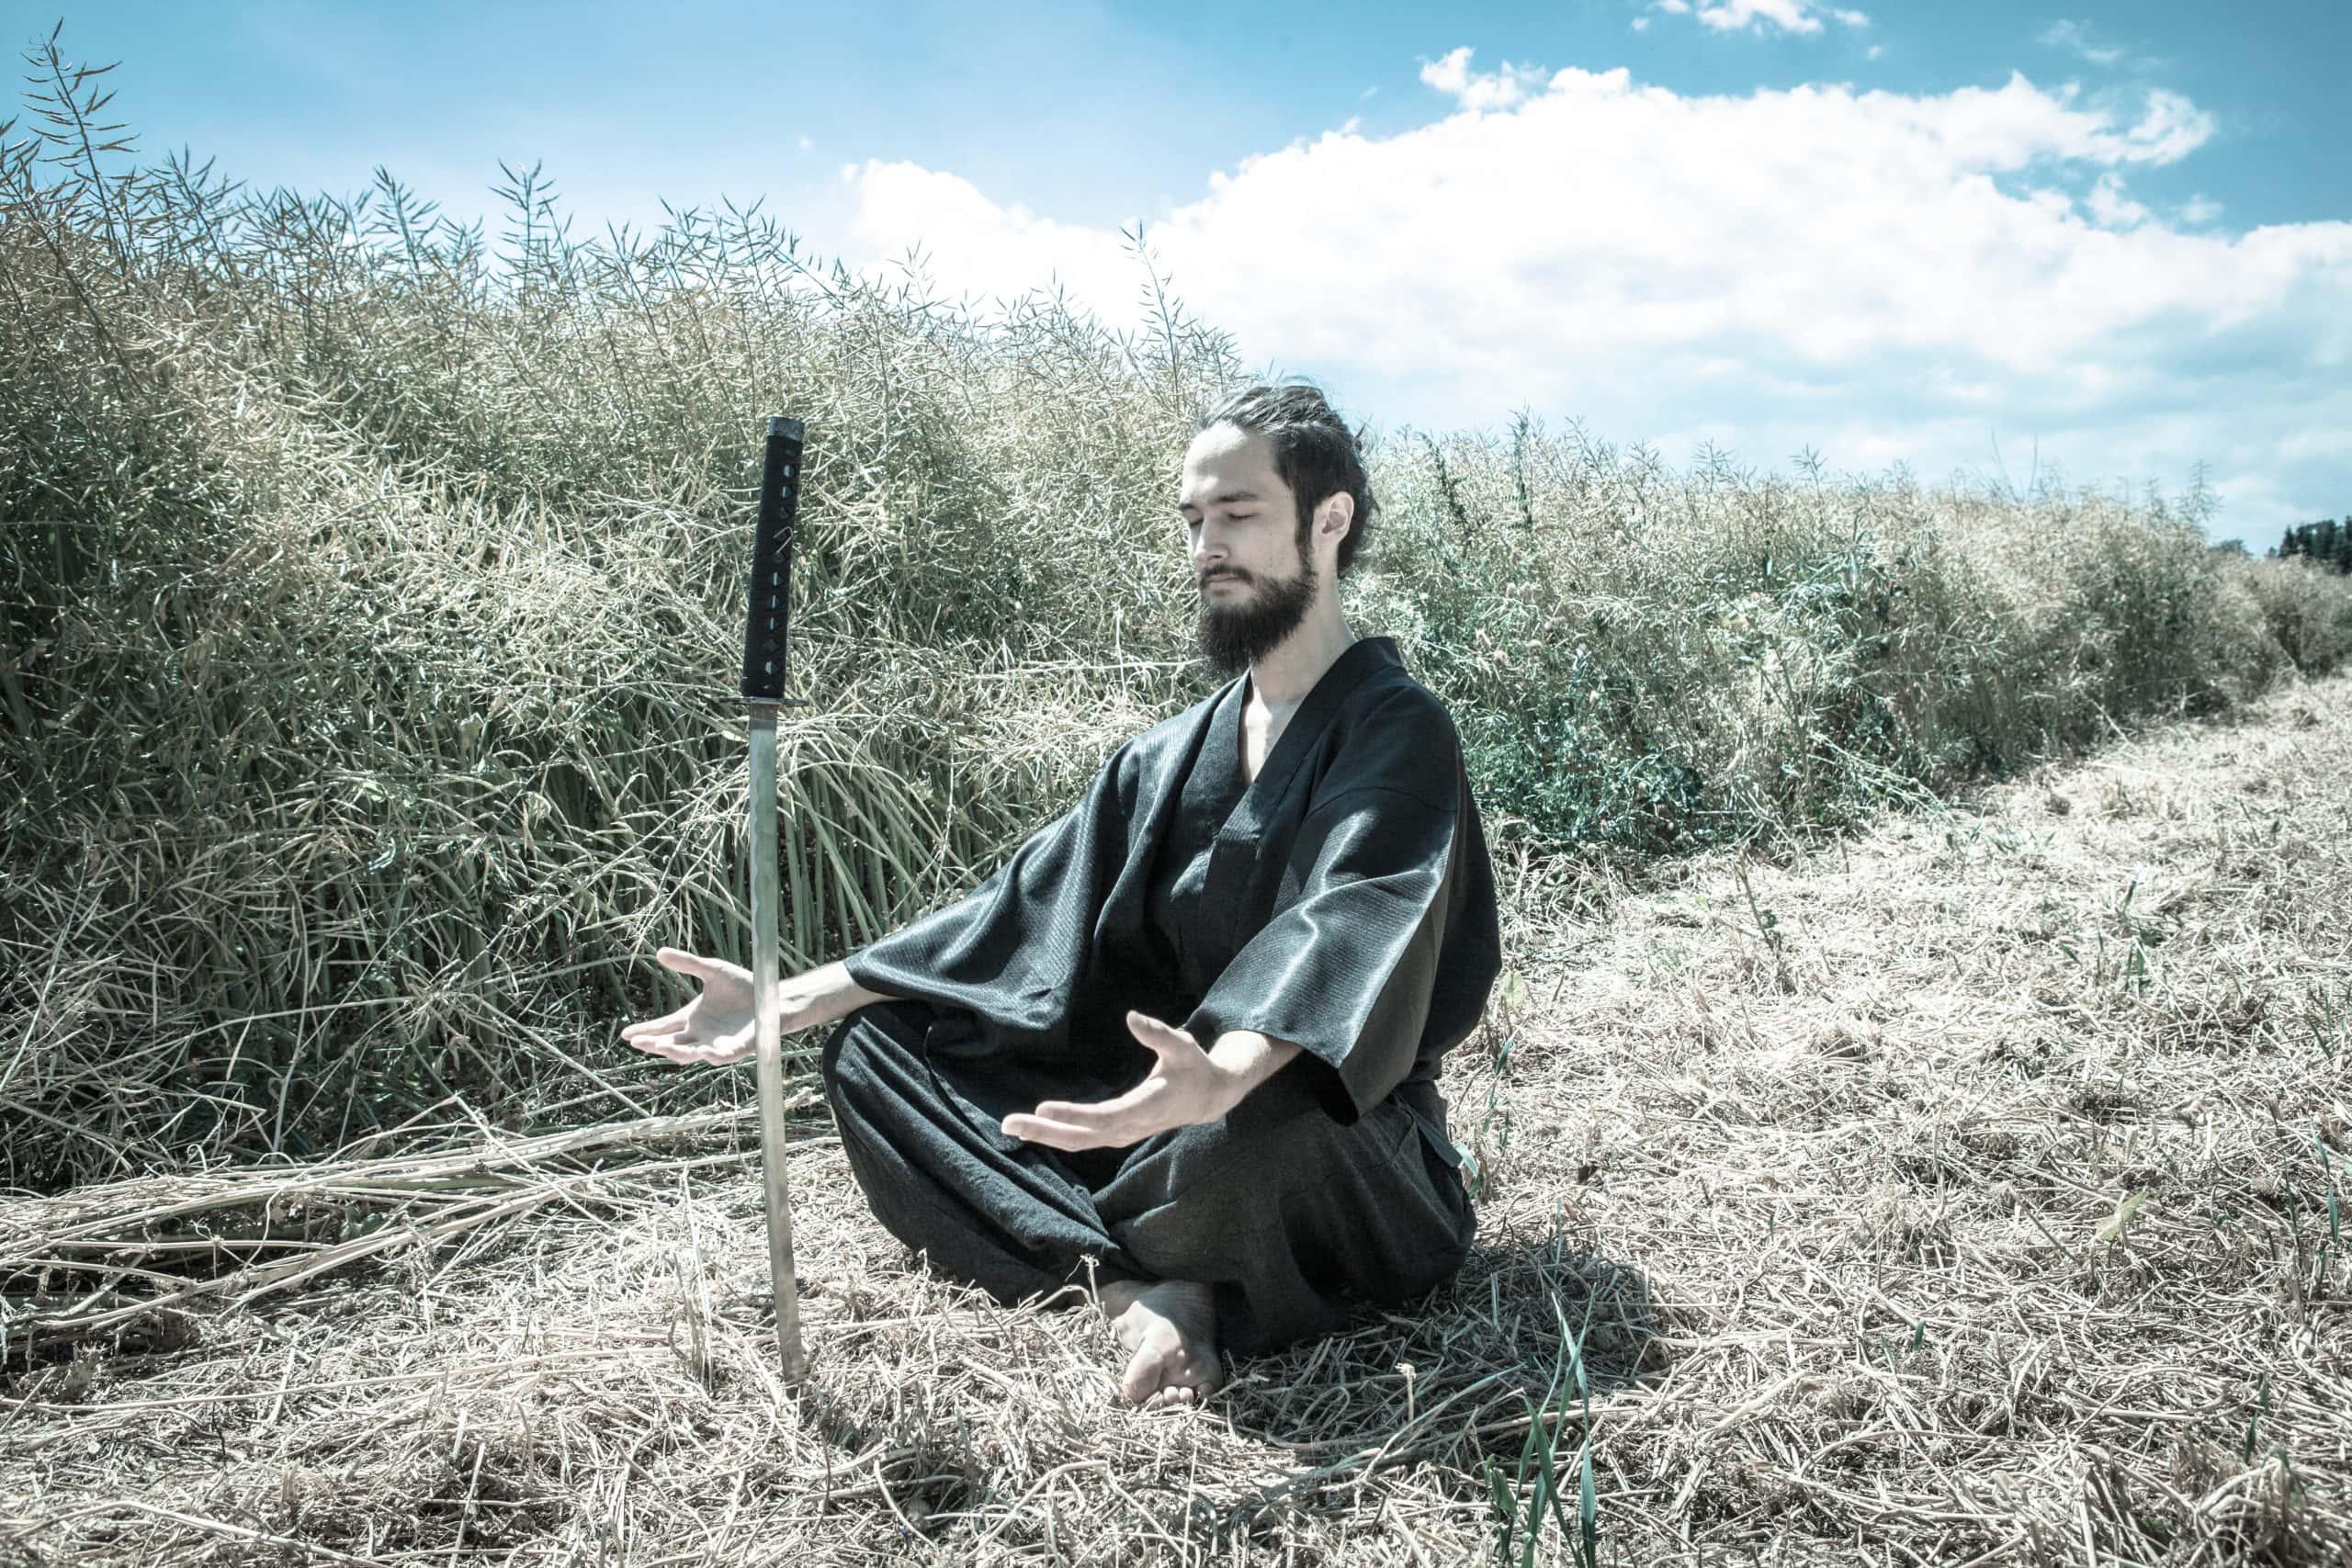 Shu als Samurai sitzend in der Natur